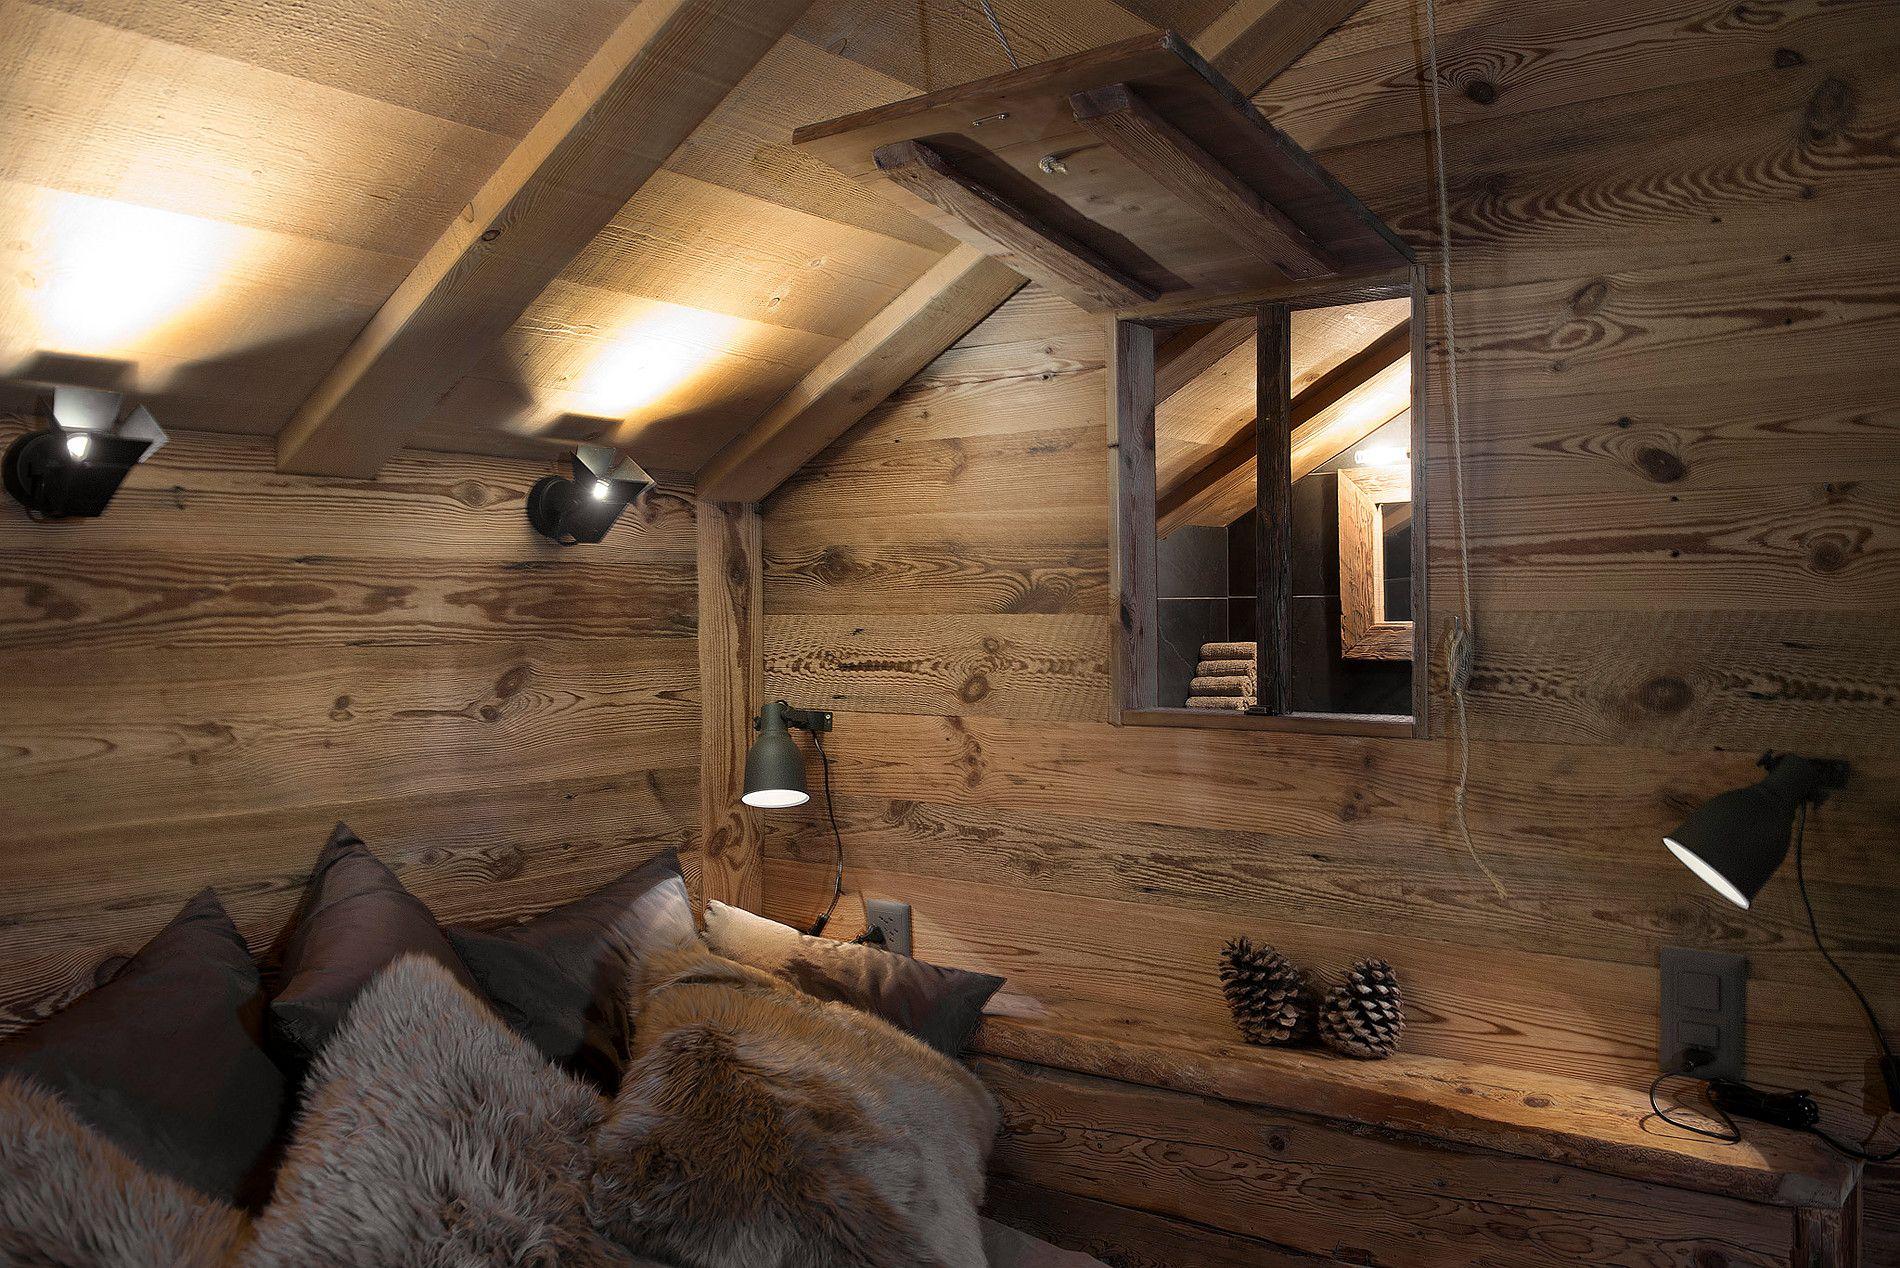 Alp Architecture srl Le Ch¢ble Lausanne